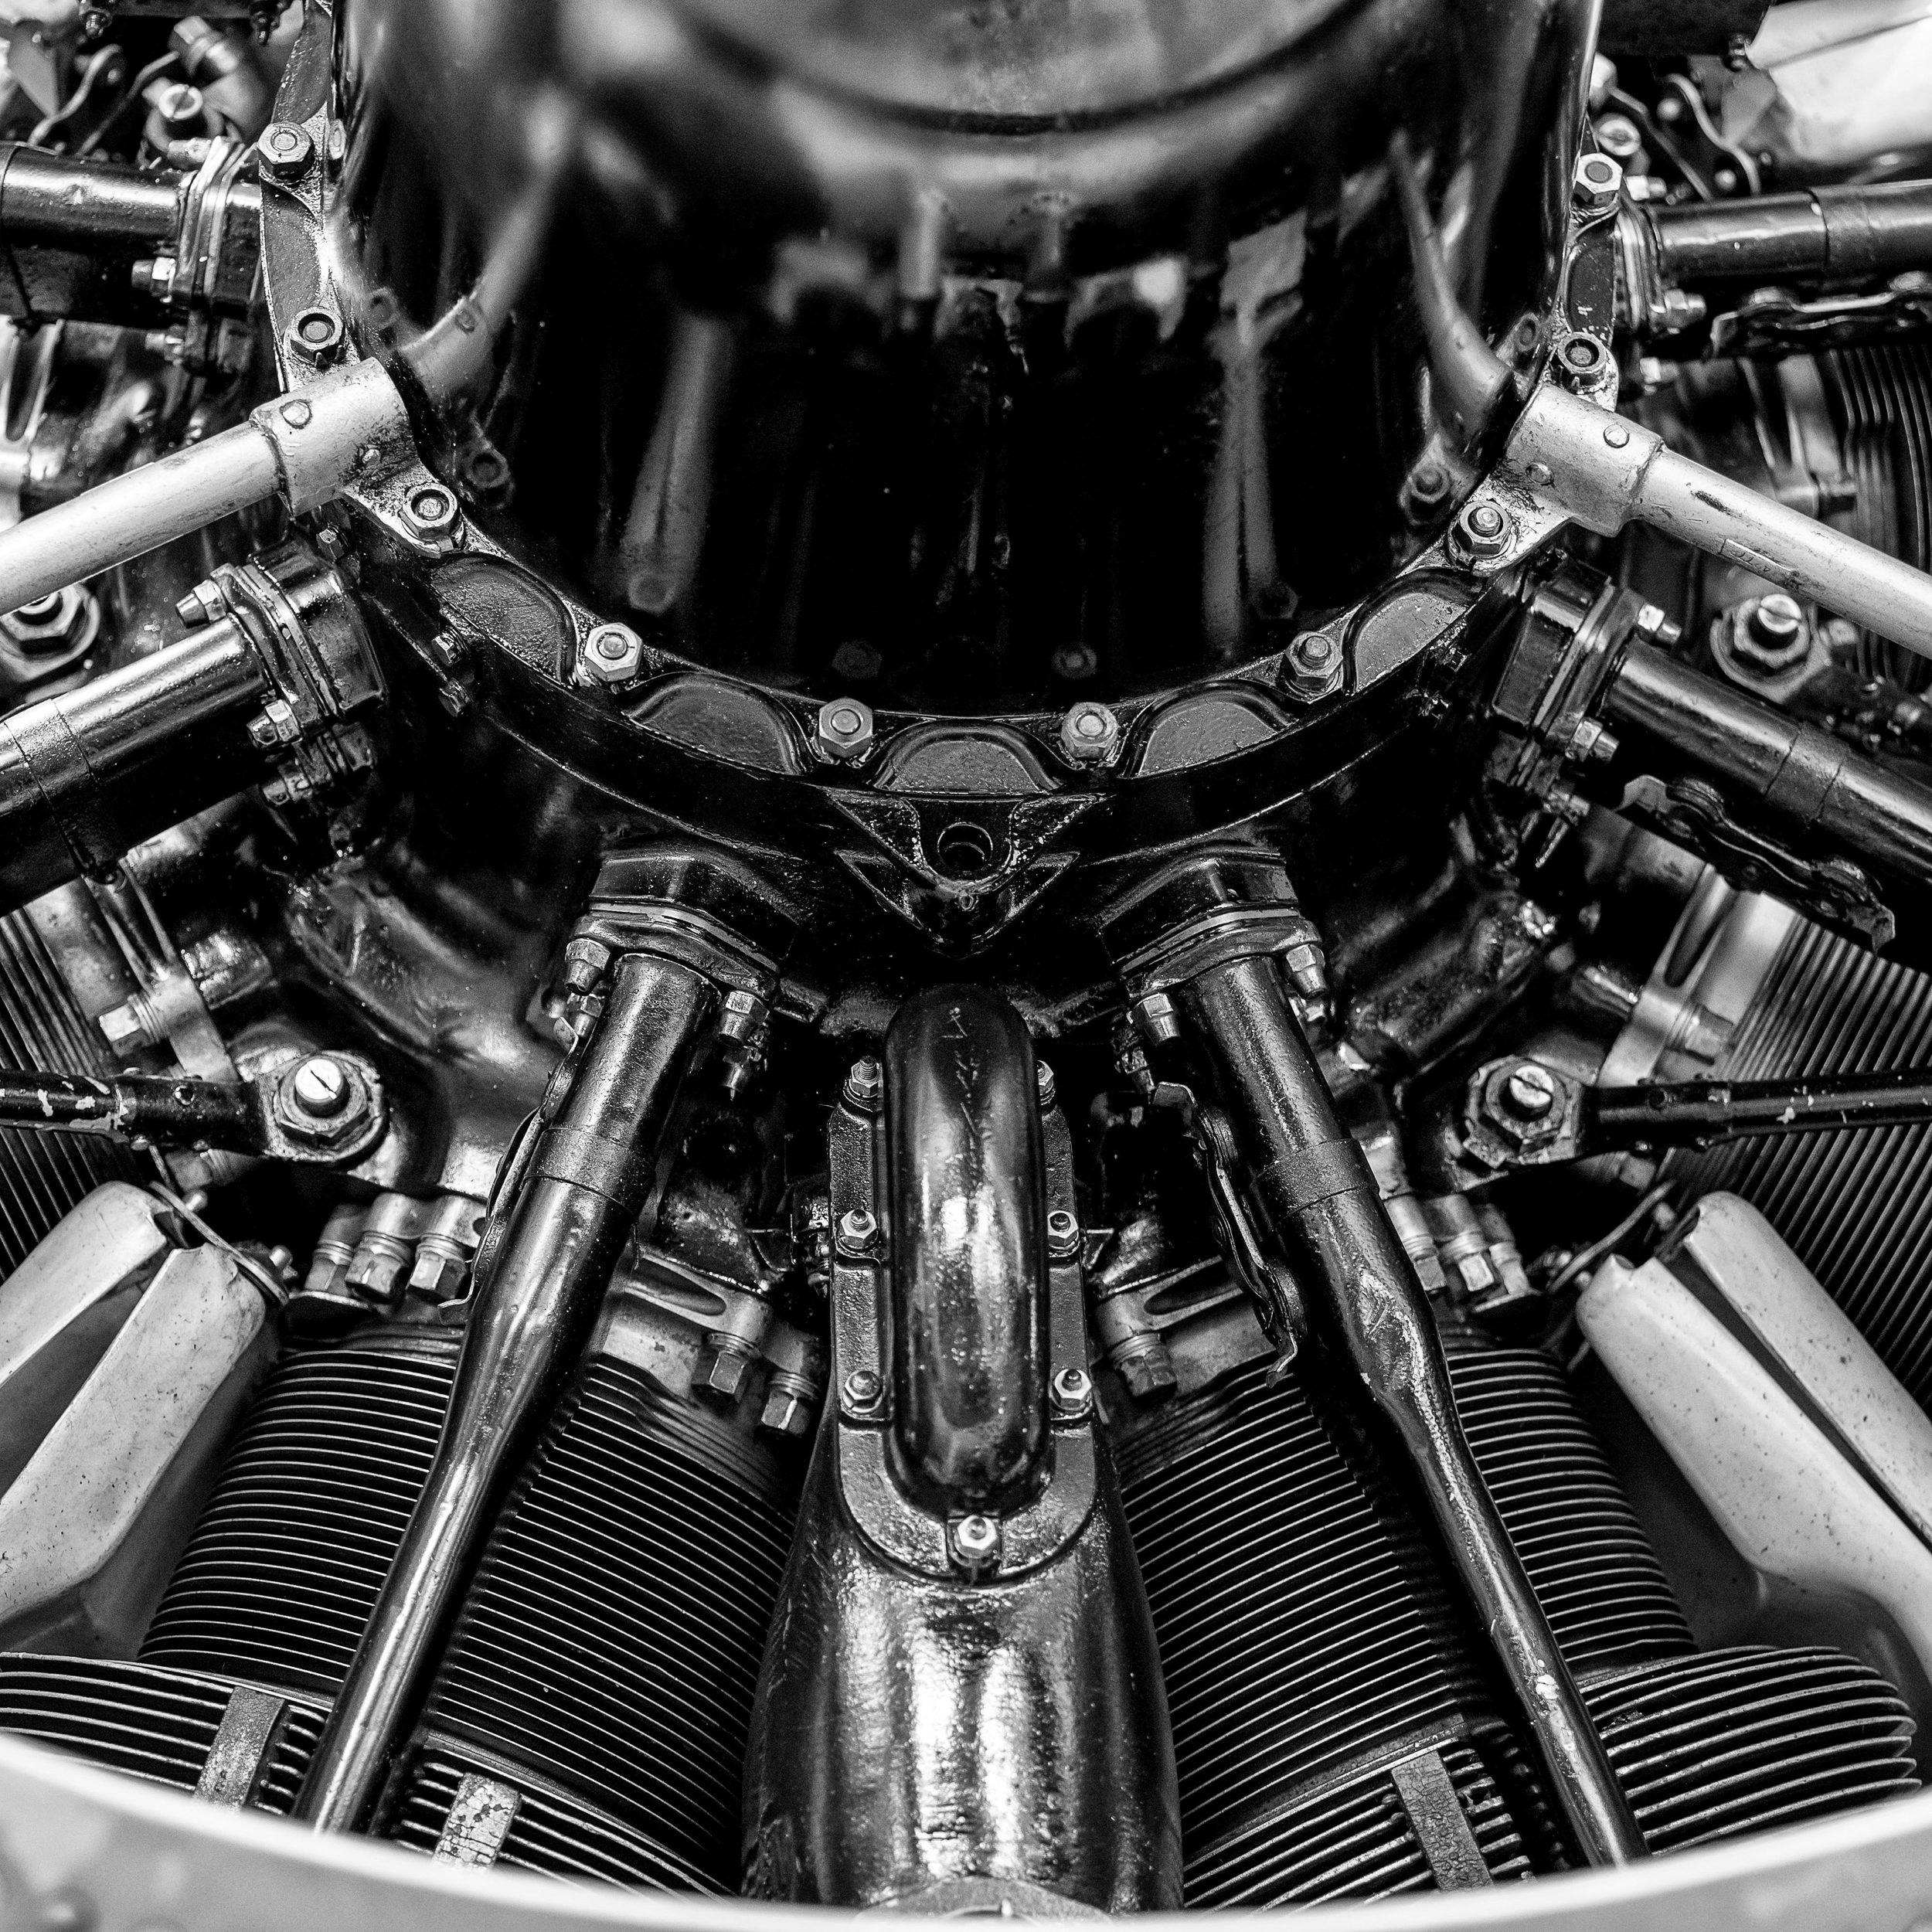 1938 Westland Lysander engine